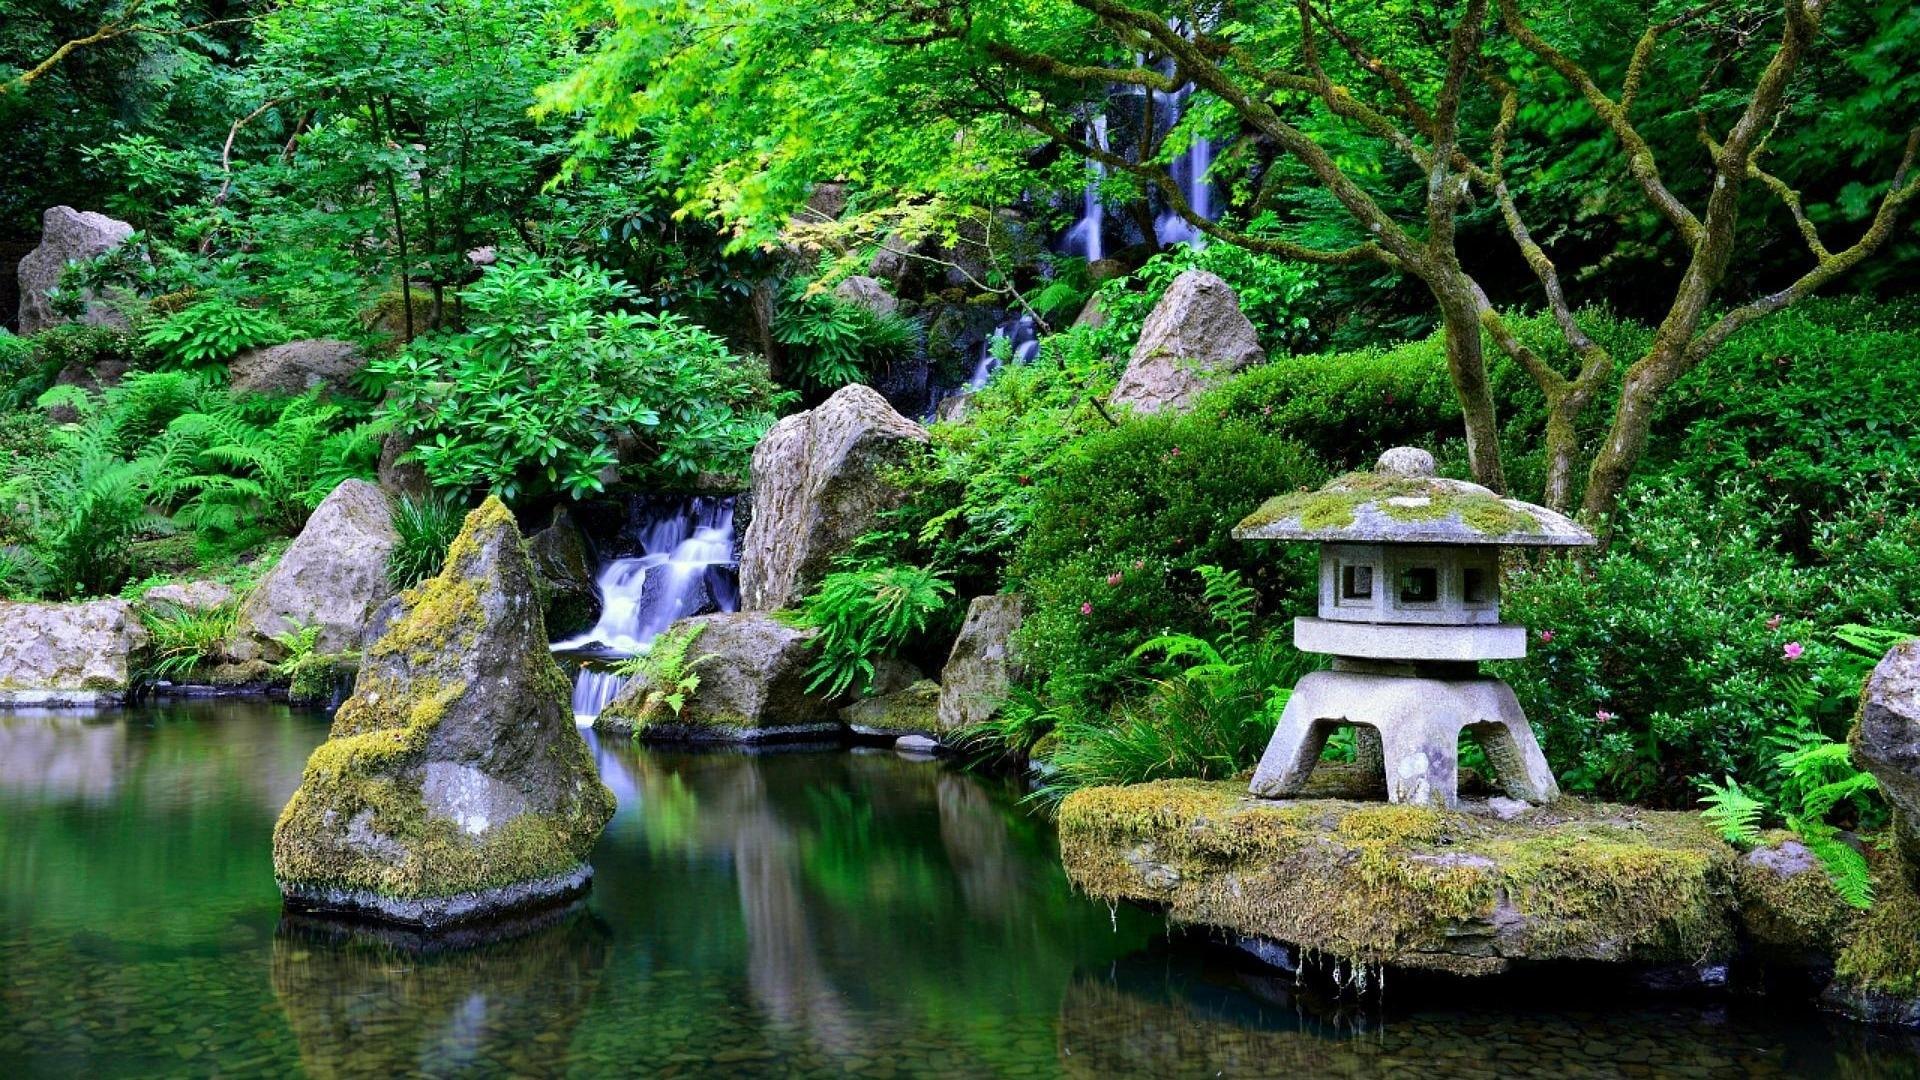 Japanese Garden wallpaper for pc